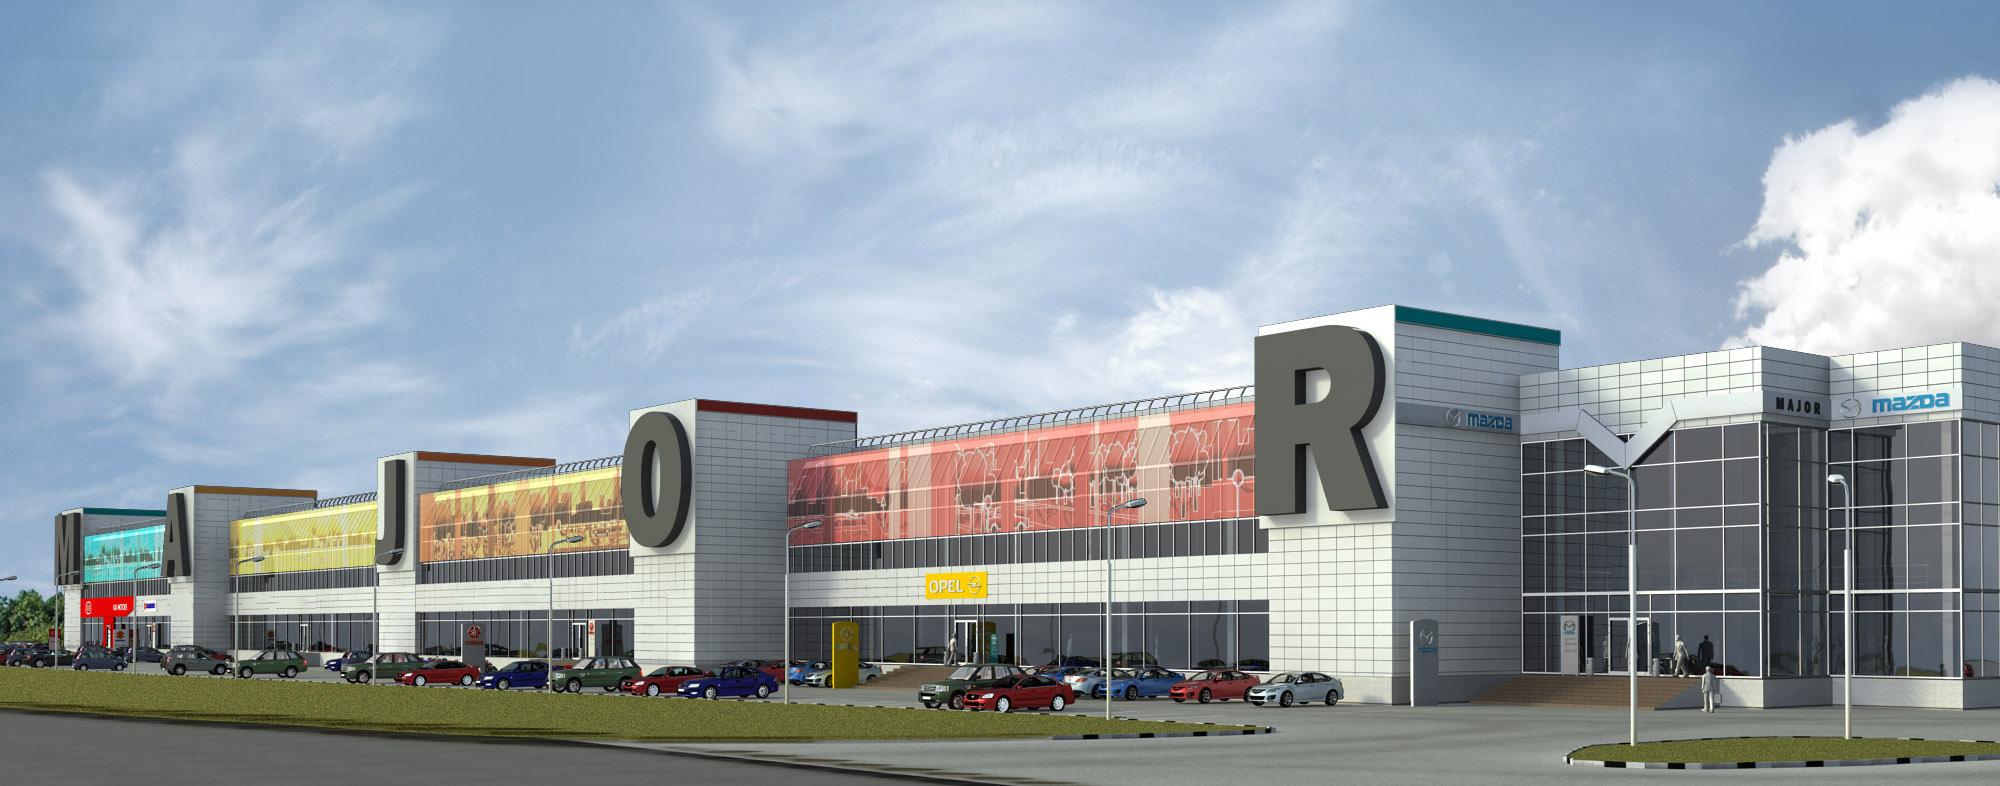 Автосалоны мэйджор в москве на новой риге распродажа авто по залогу